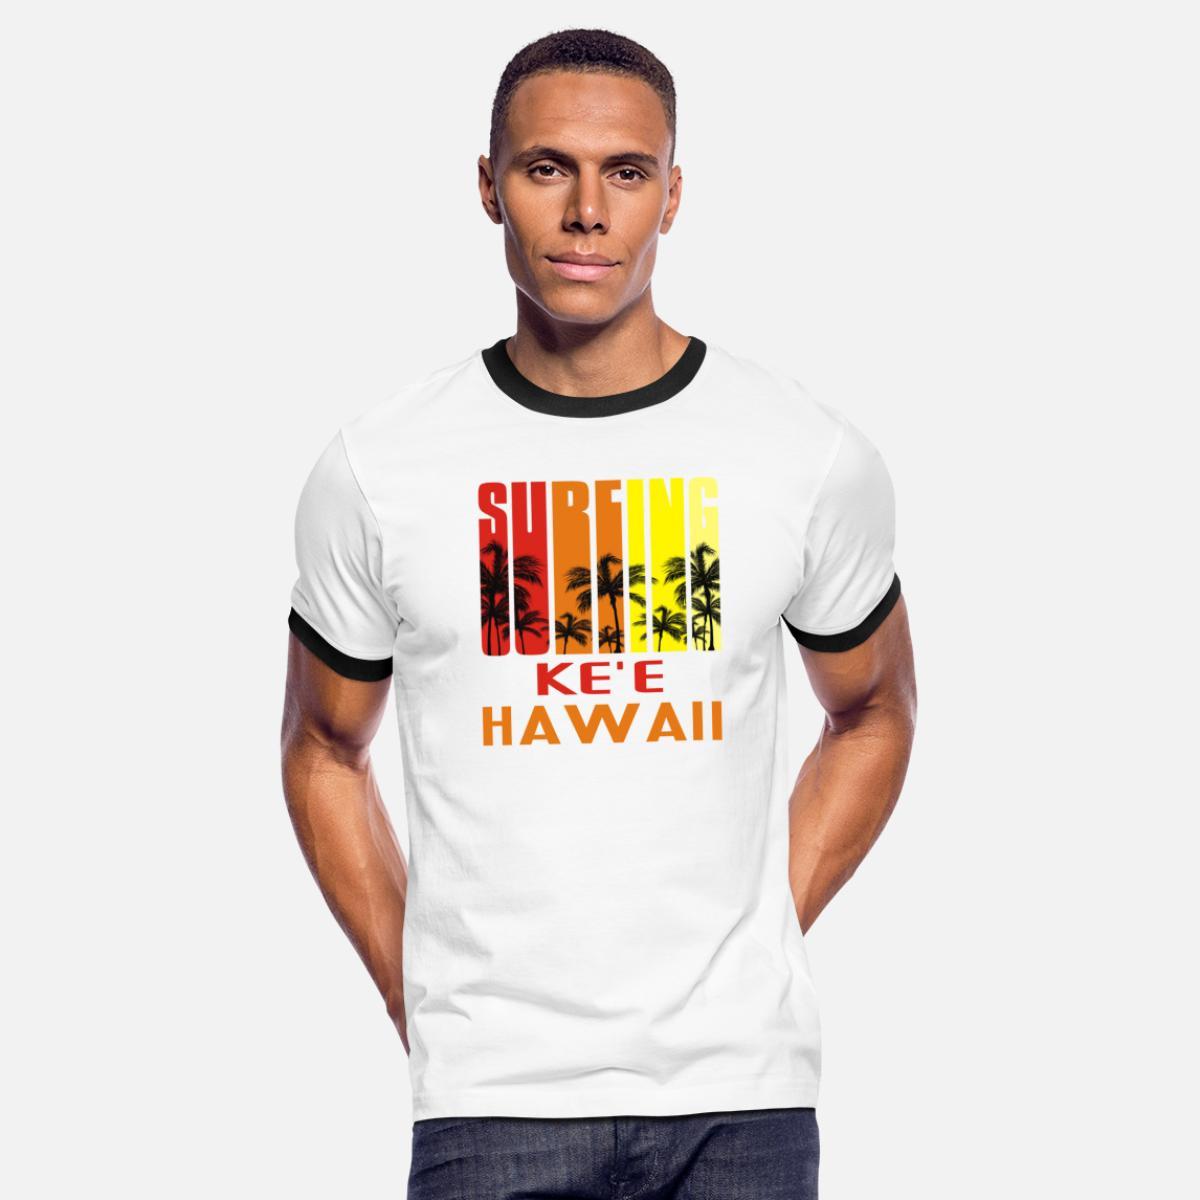 eeefb516 Retro Surf T Shirts - DREAMWORKS